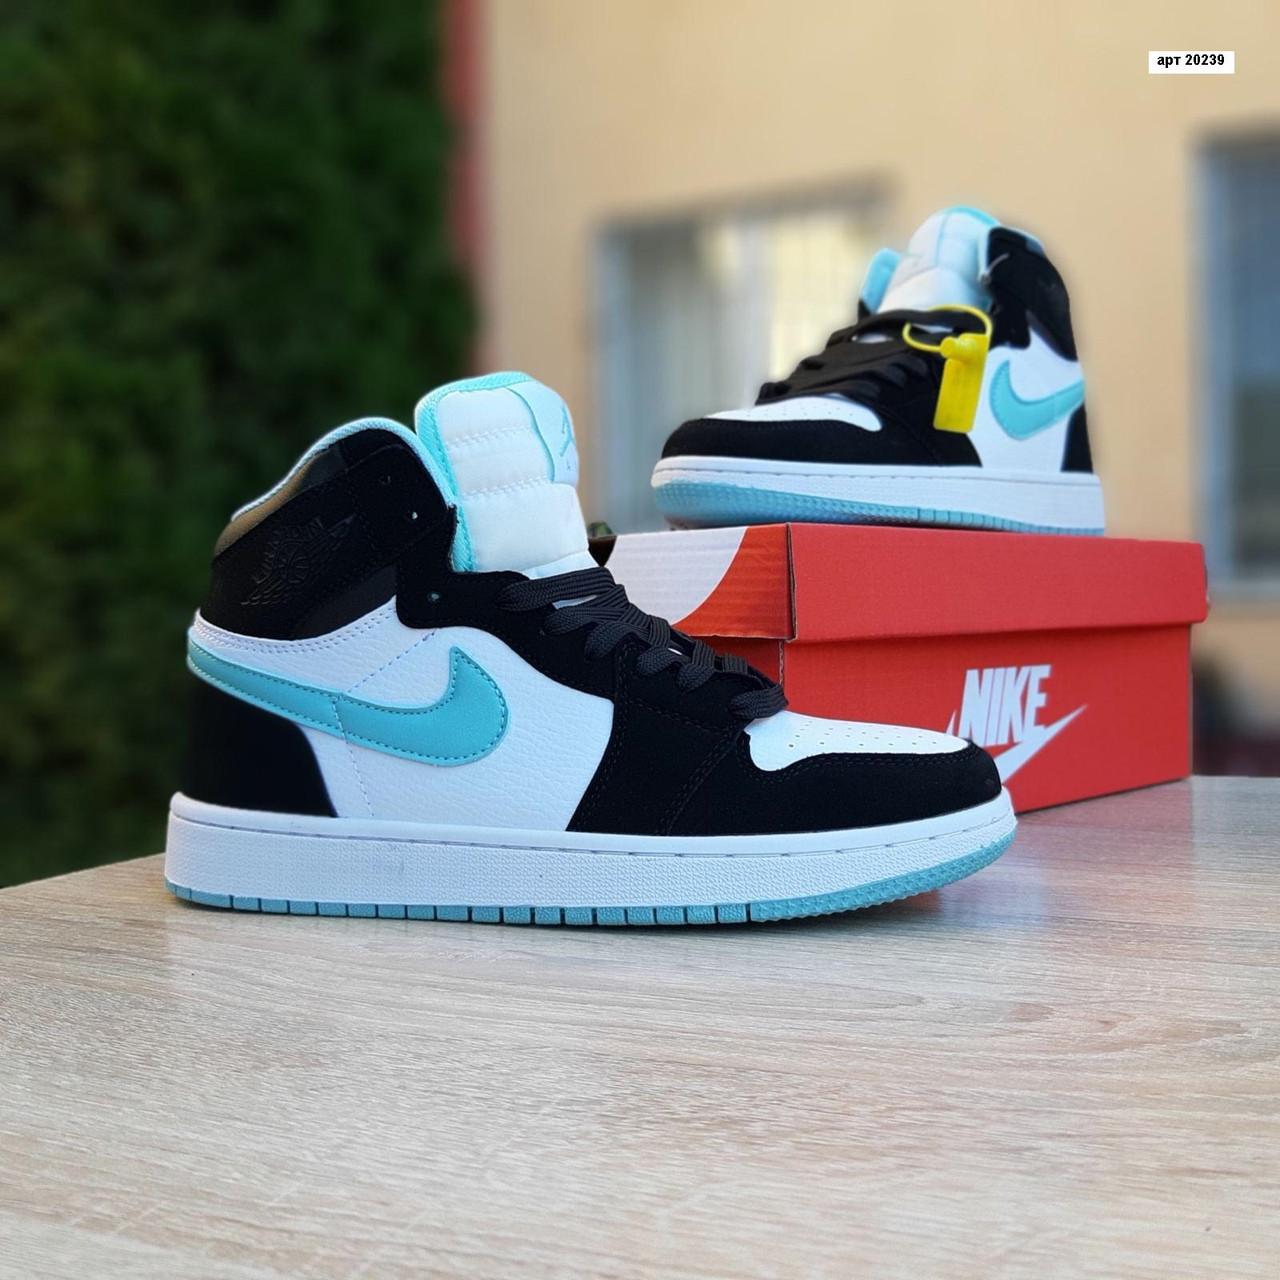 Женские кроссовки Nike Air Jordan (бело-черные с бирюзой) 20239